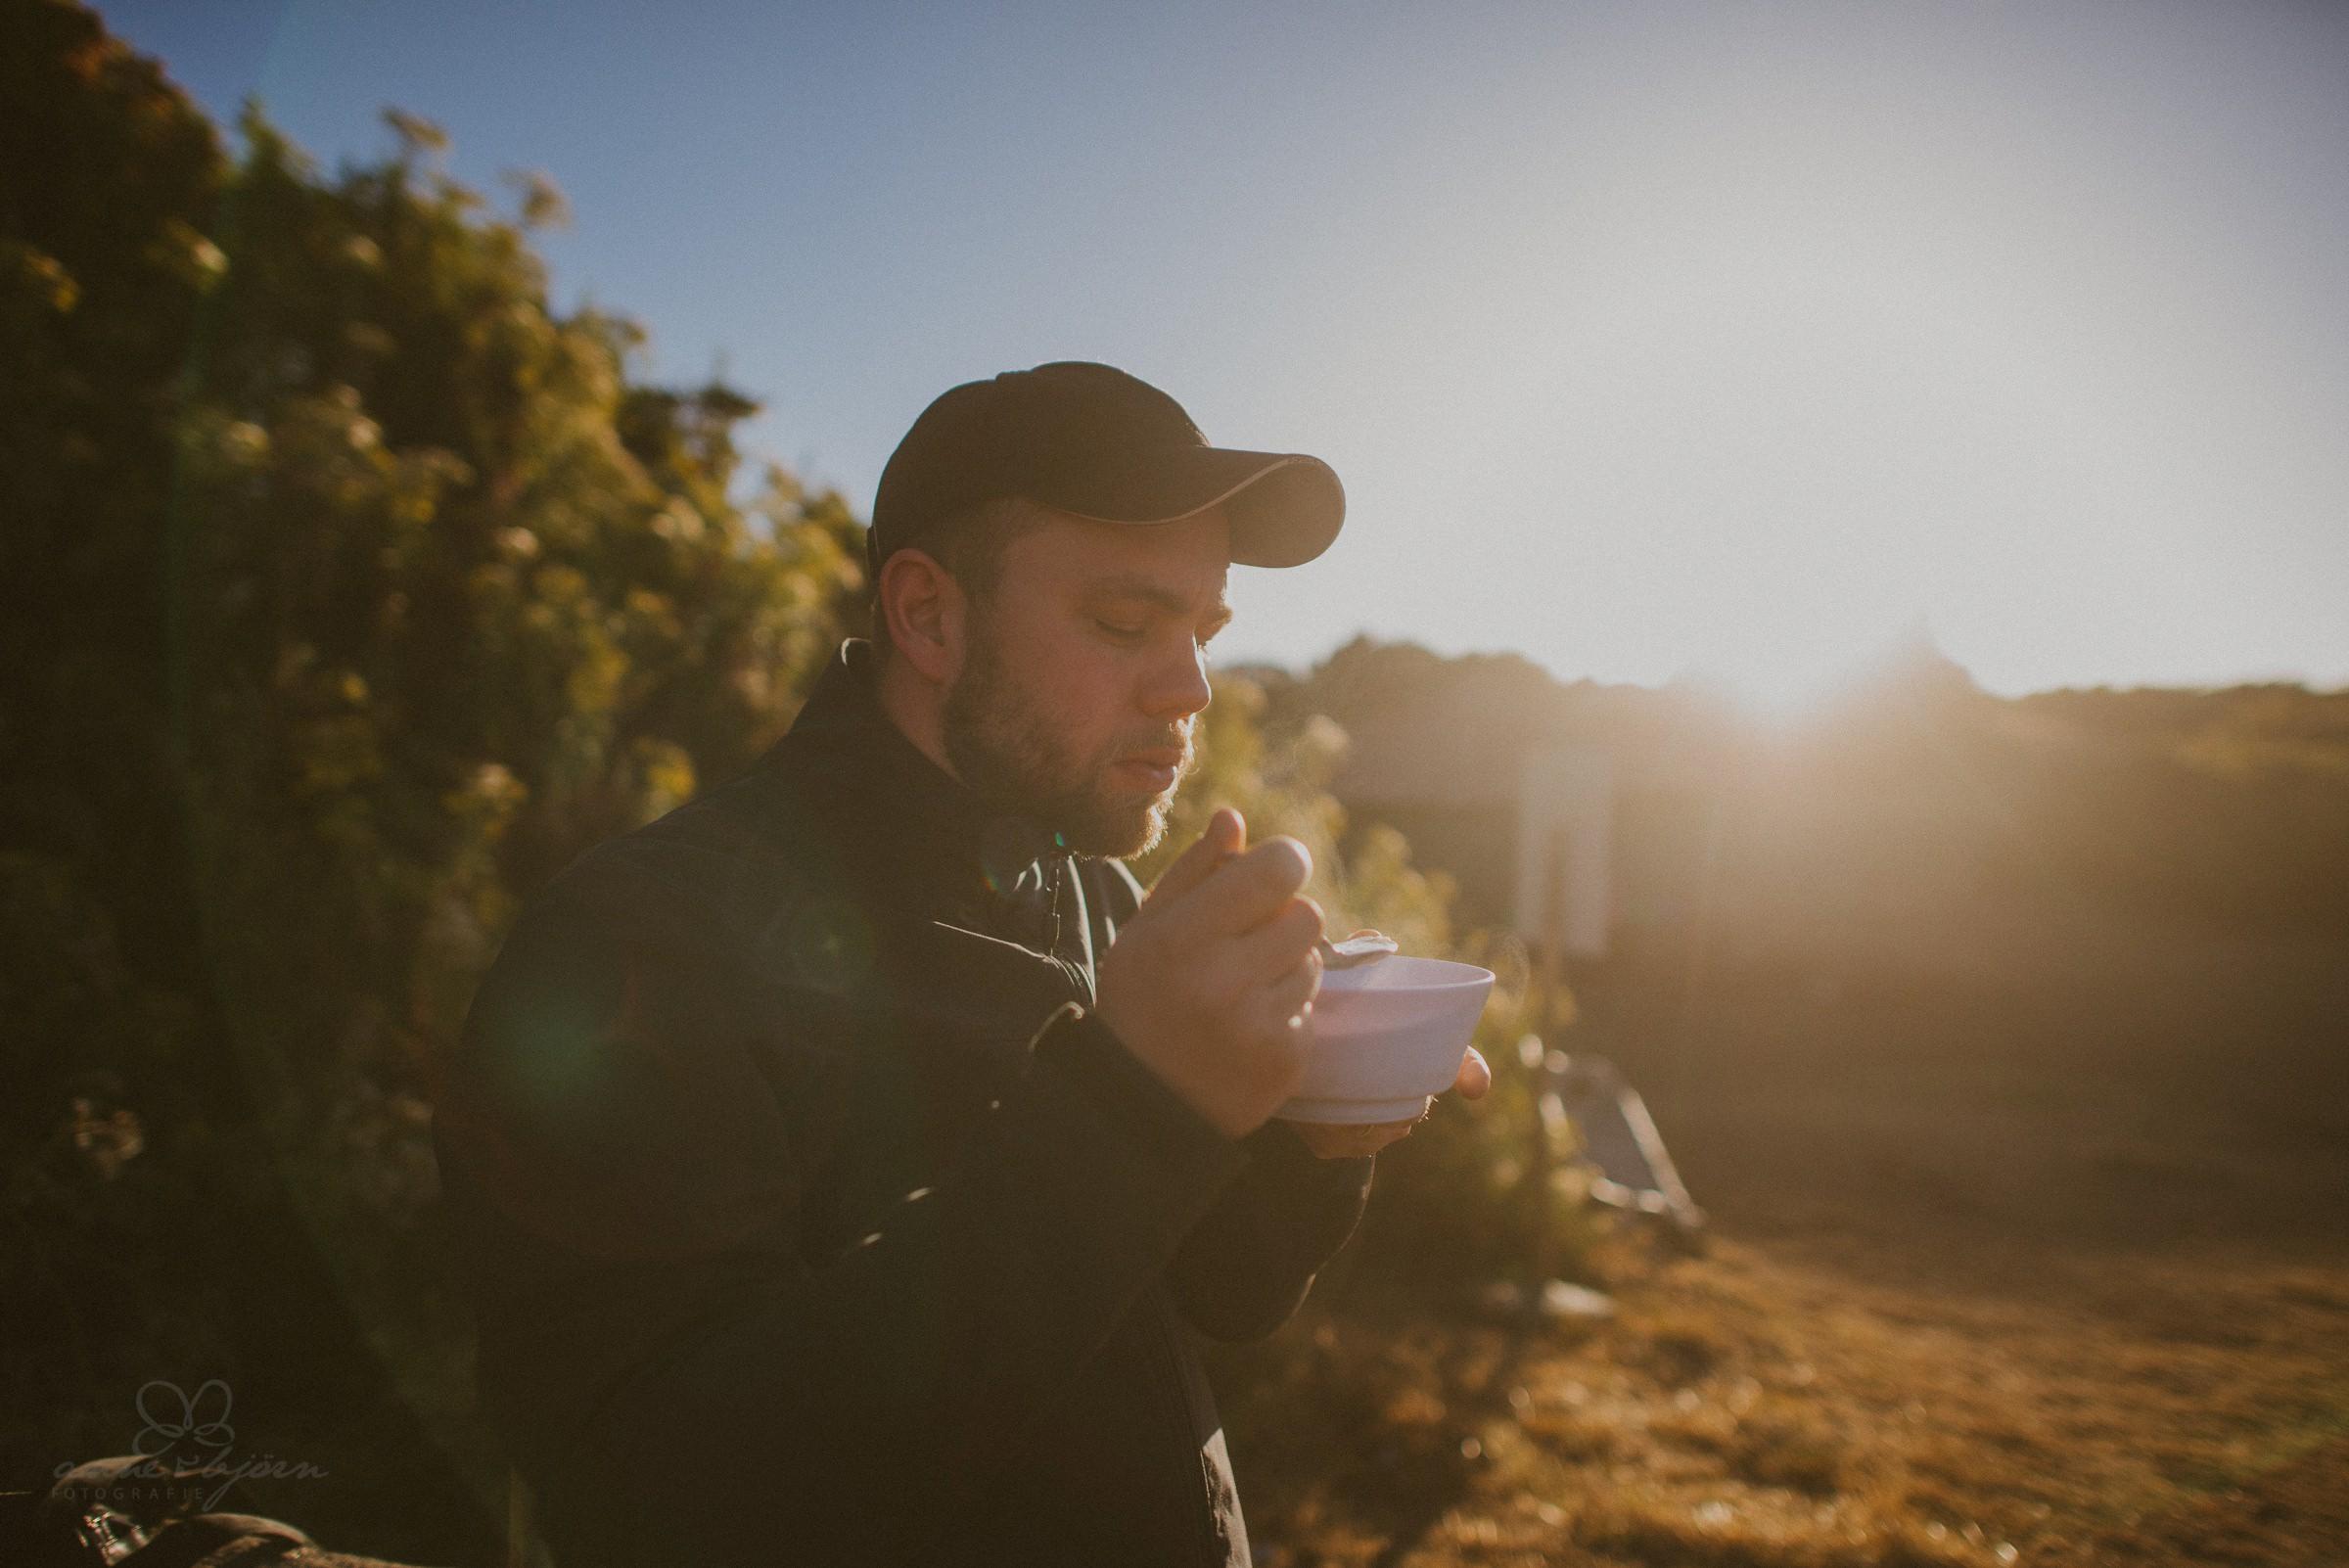 Porridge, Frühstück, Sonnenaufgang, Zelten, Camping, Vaude, Jacke, Mode